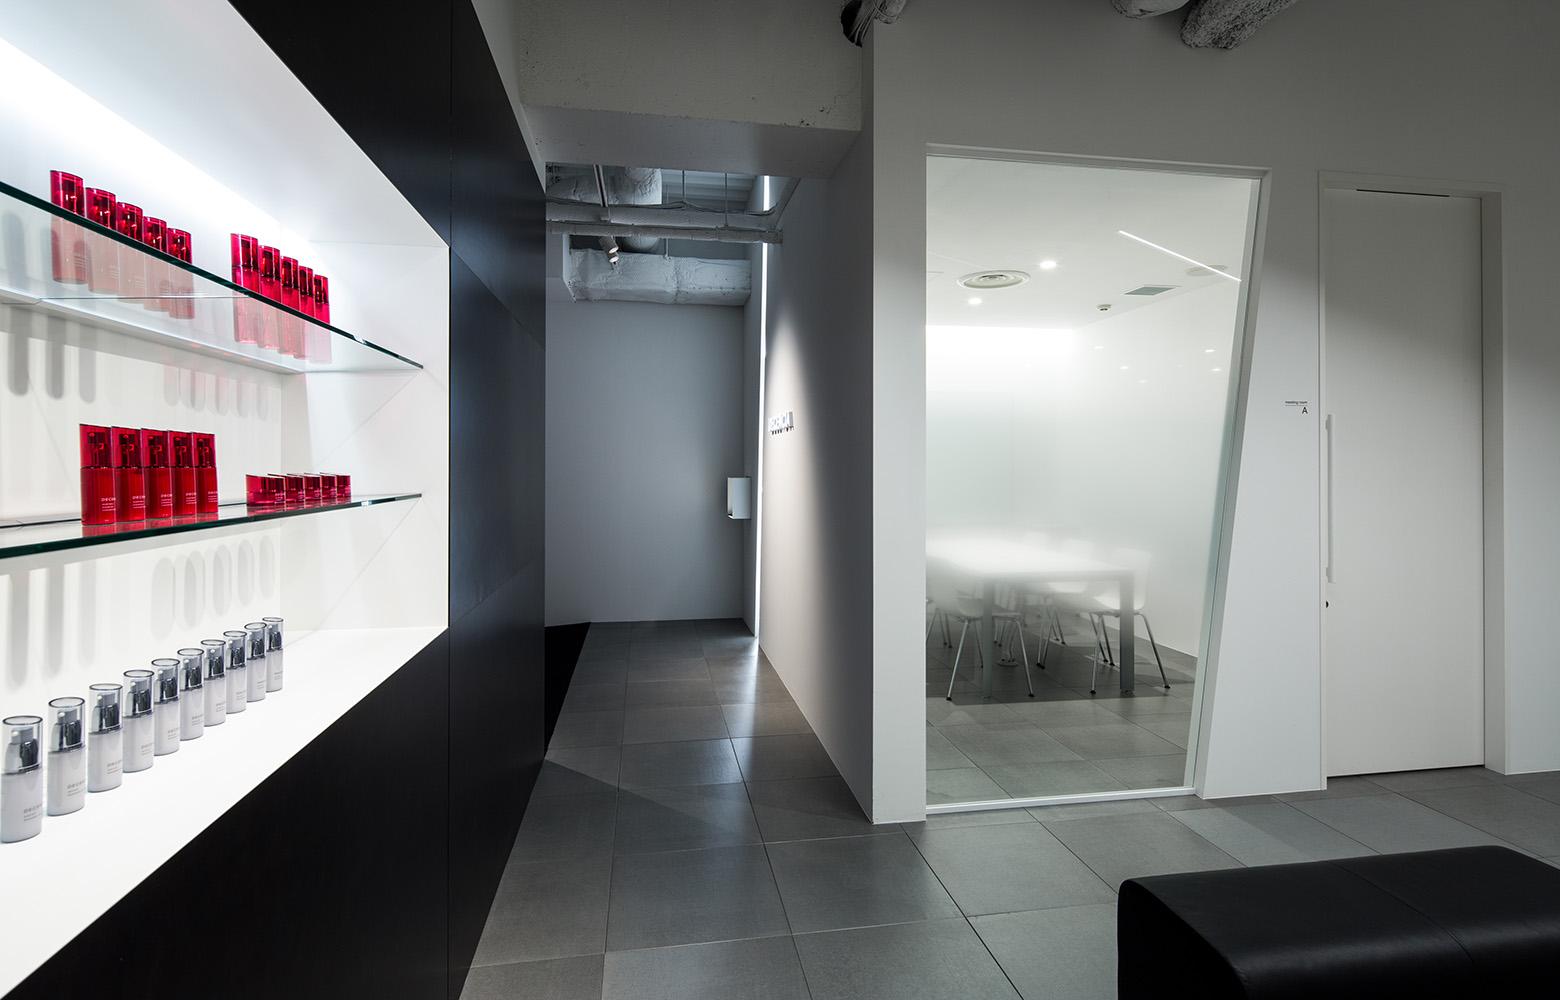 株式会社DECENCIA Brand Display デザイン・レイアウト事例